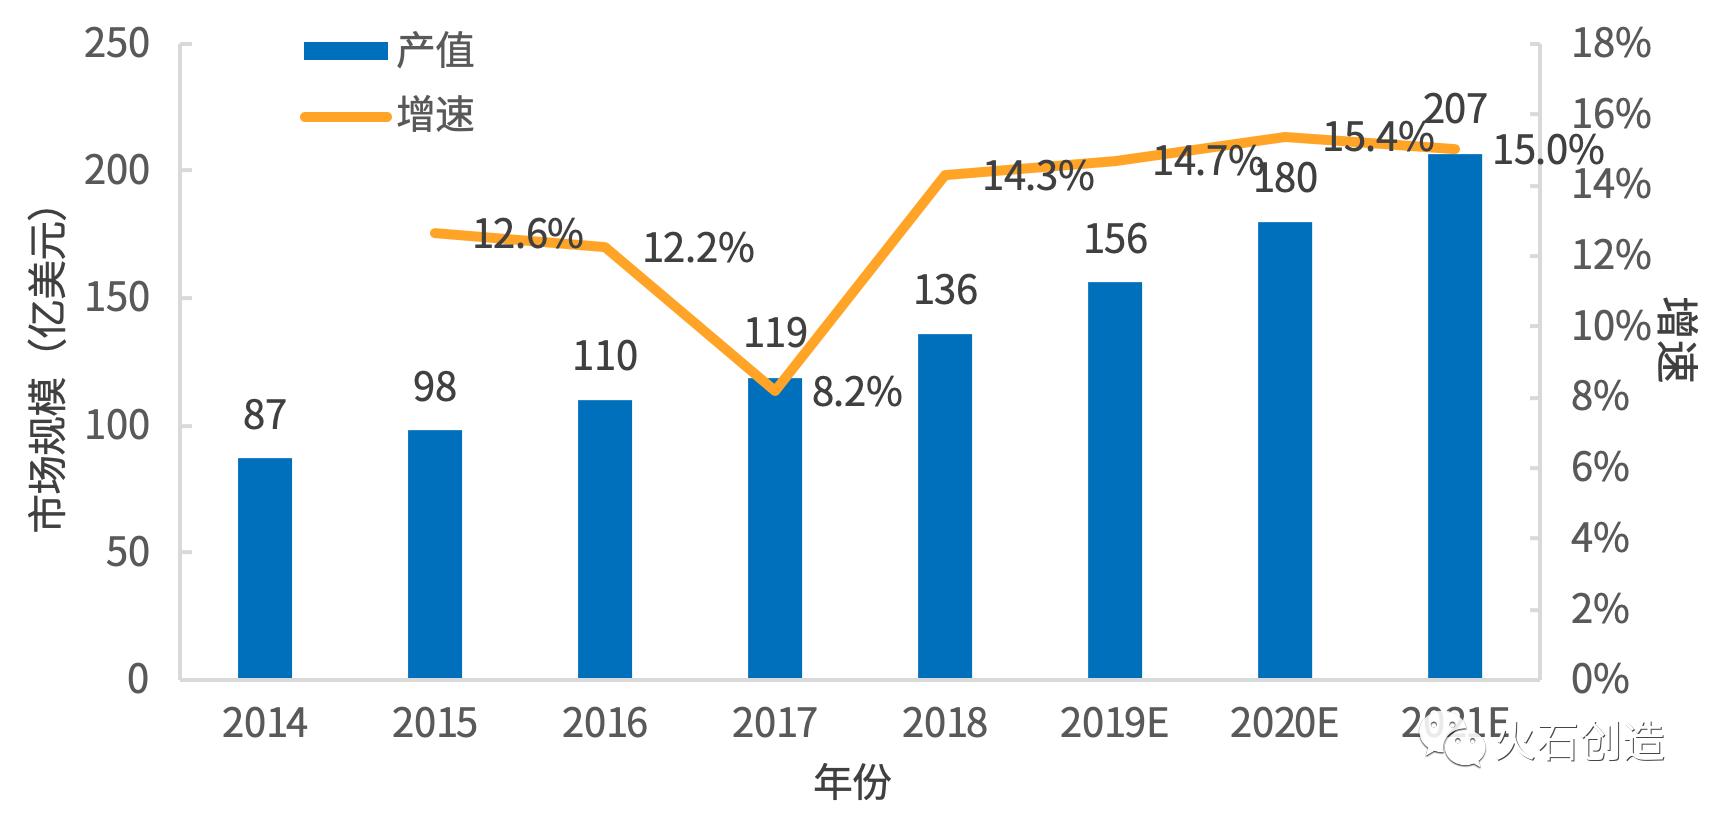 2014—2021年全球醫療機器人市場規模及增速